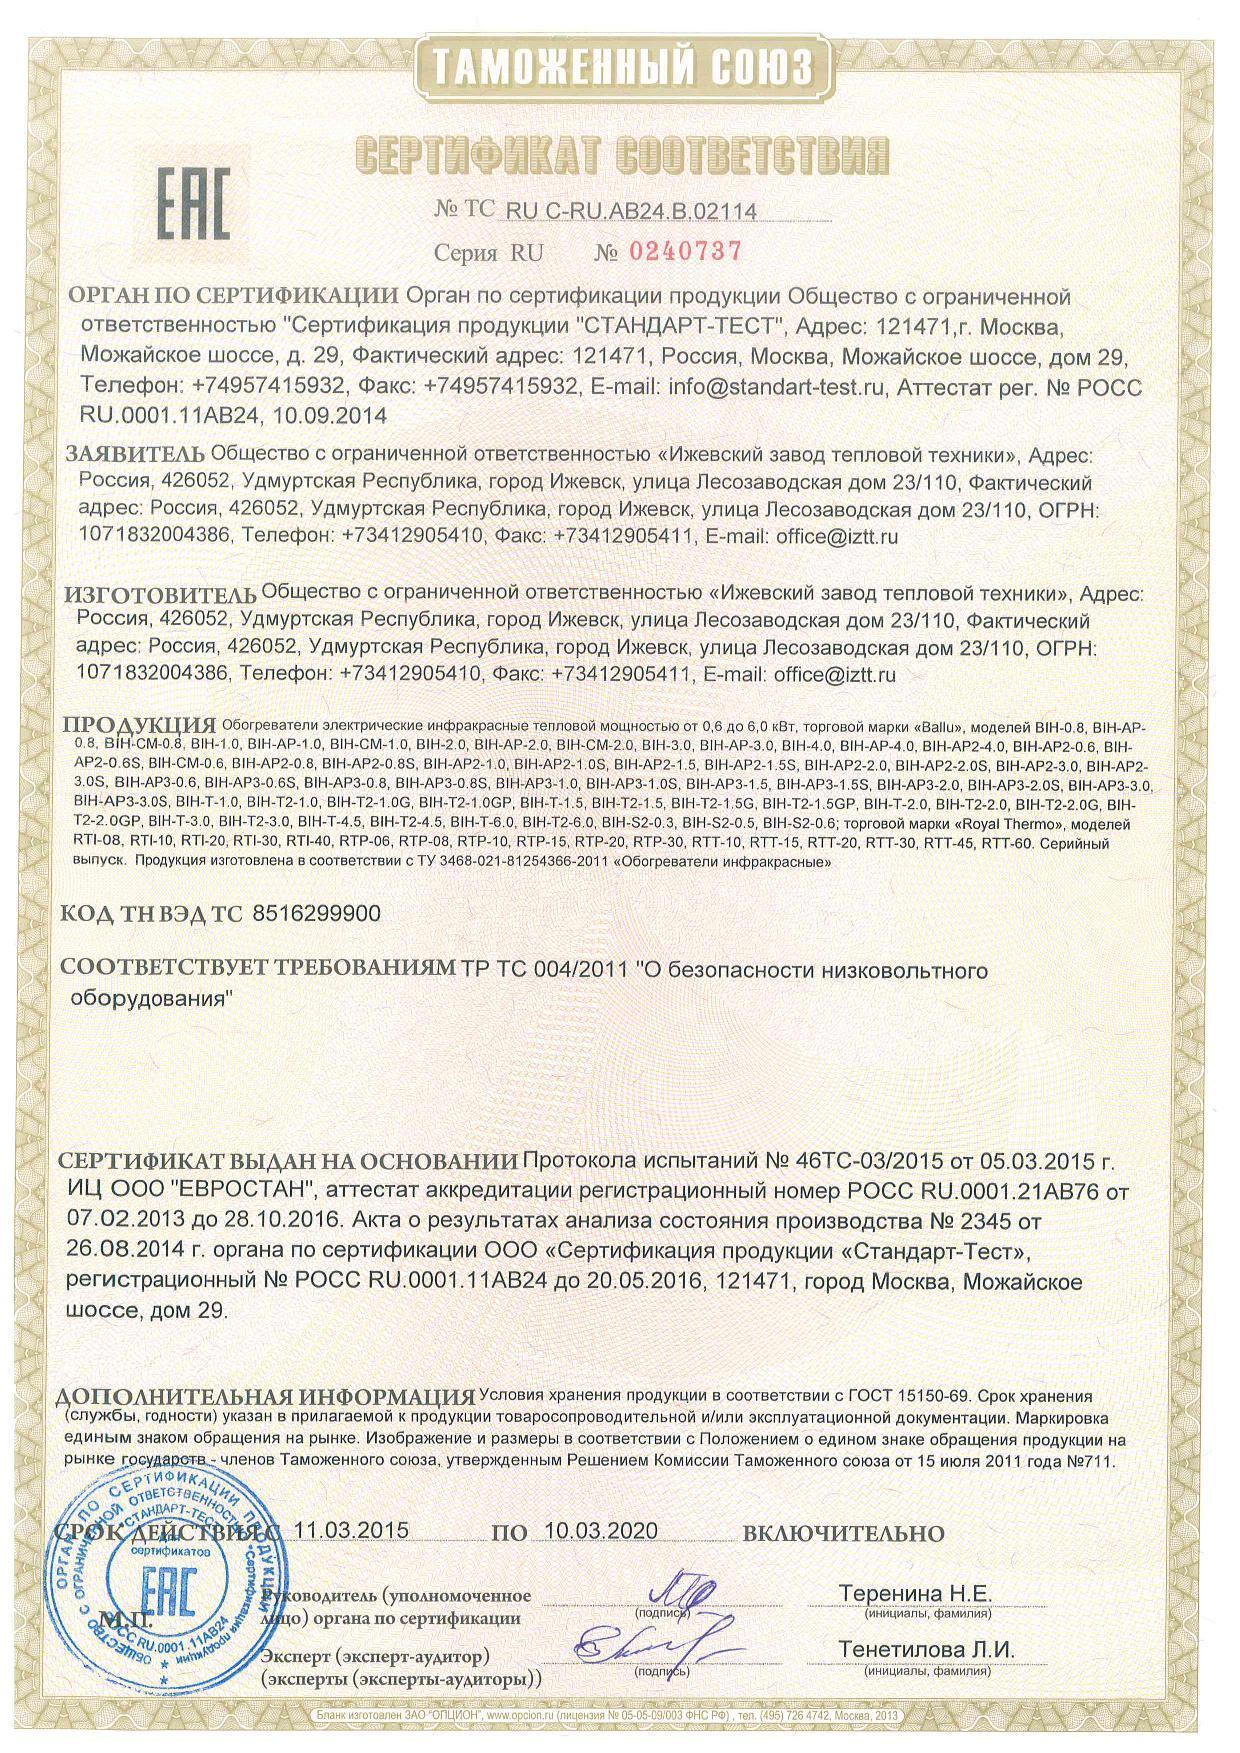 Сертификат соответствия на обогреватели Ballu BIH-LW-1,5